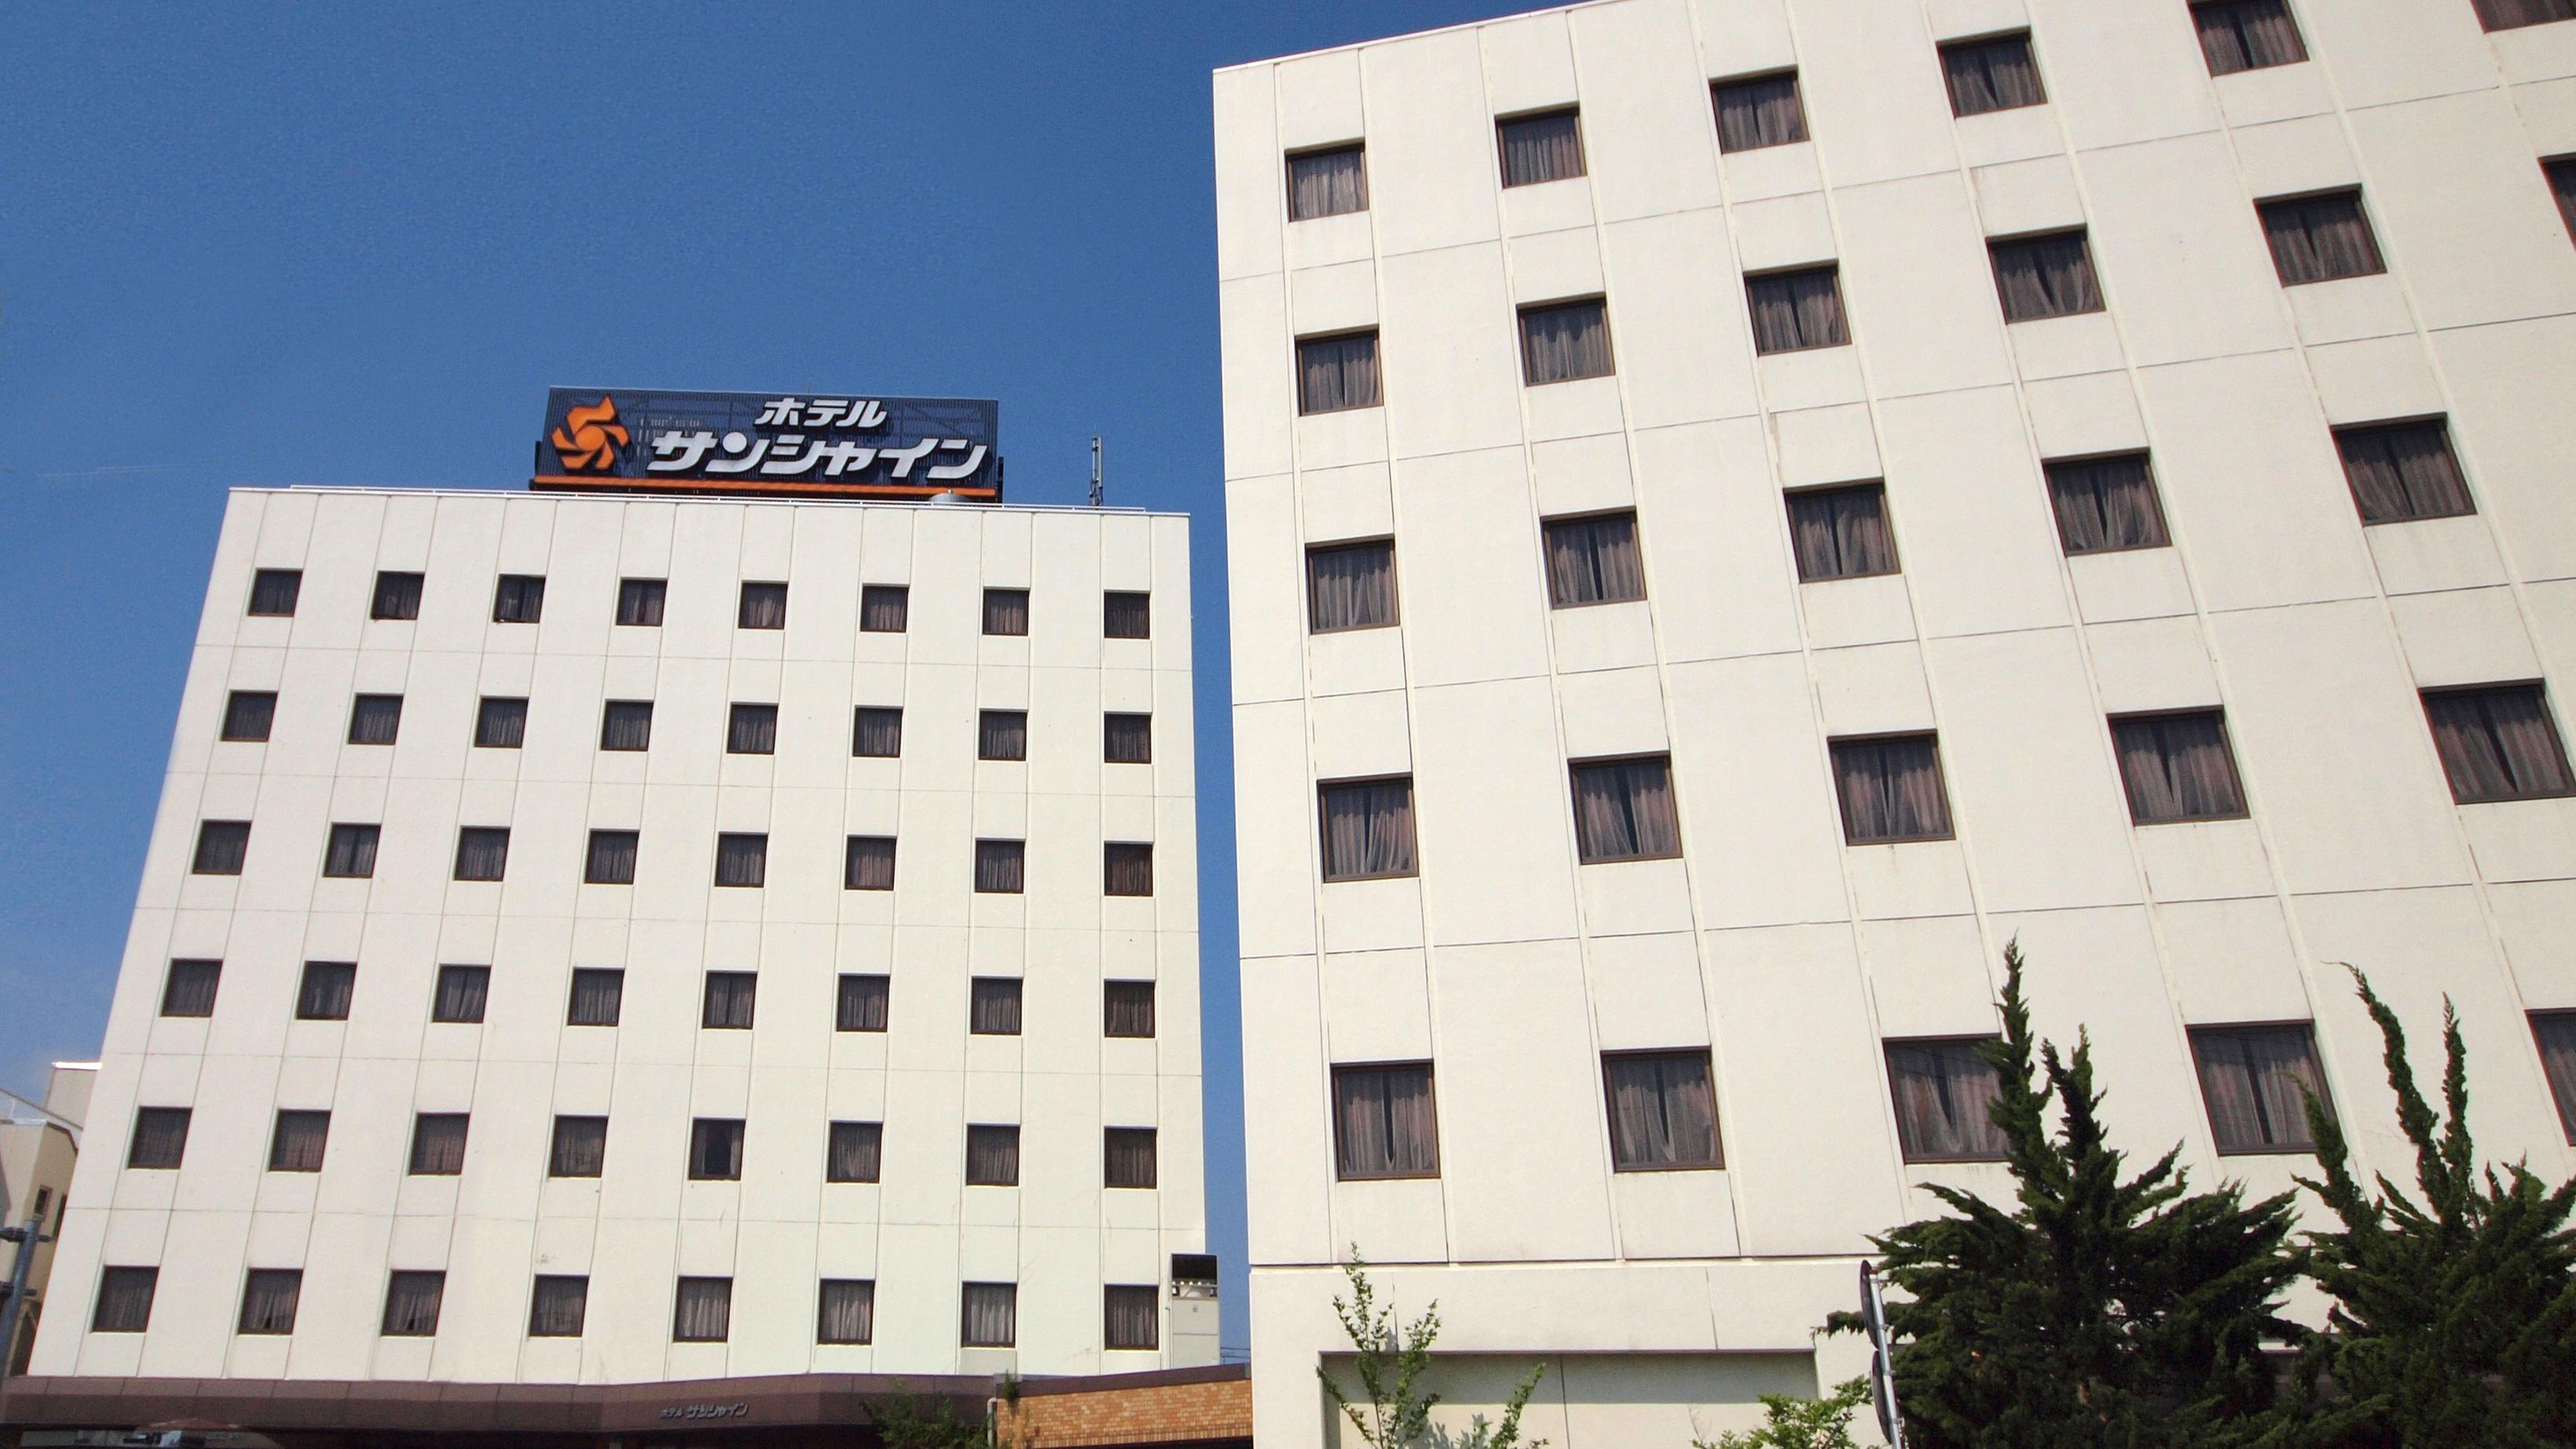 ホテル サンシャイン(柏崎)